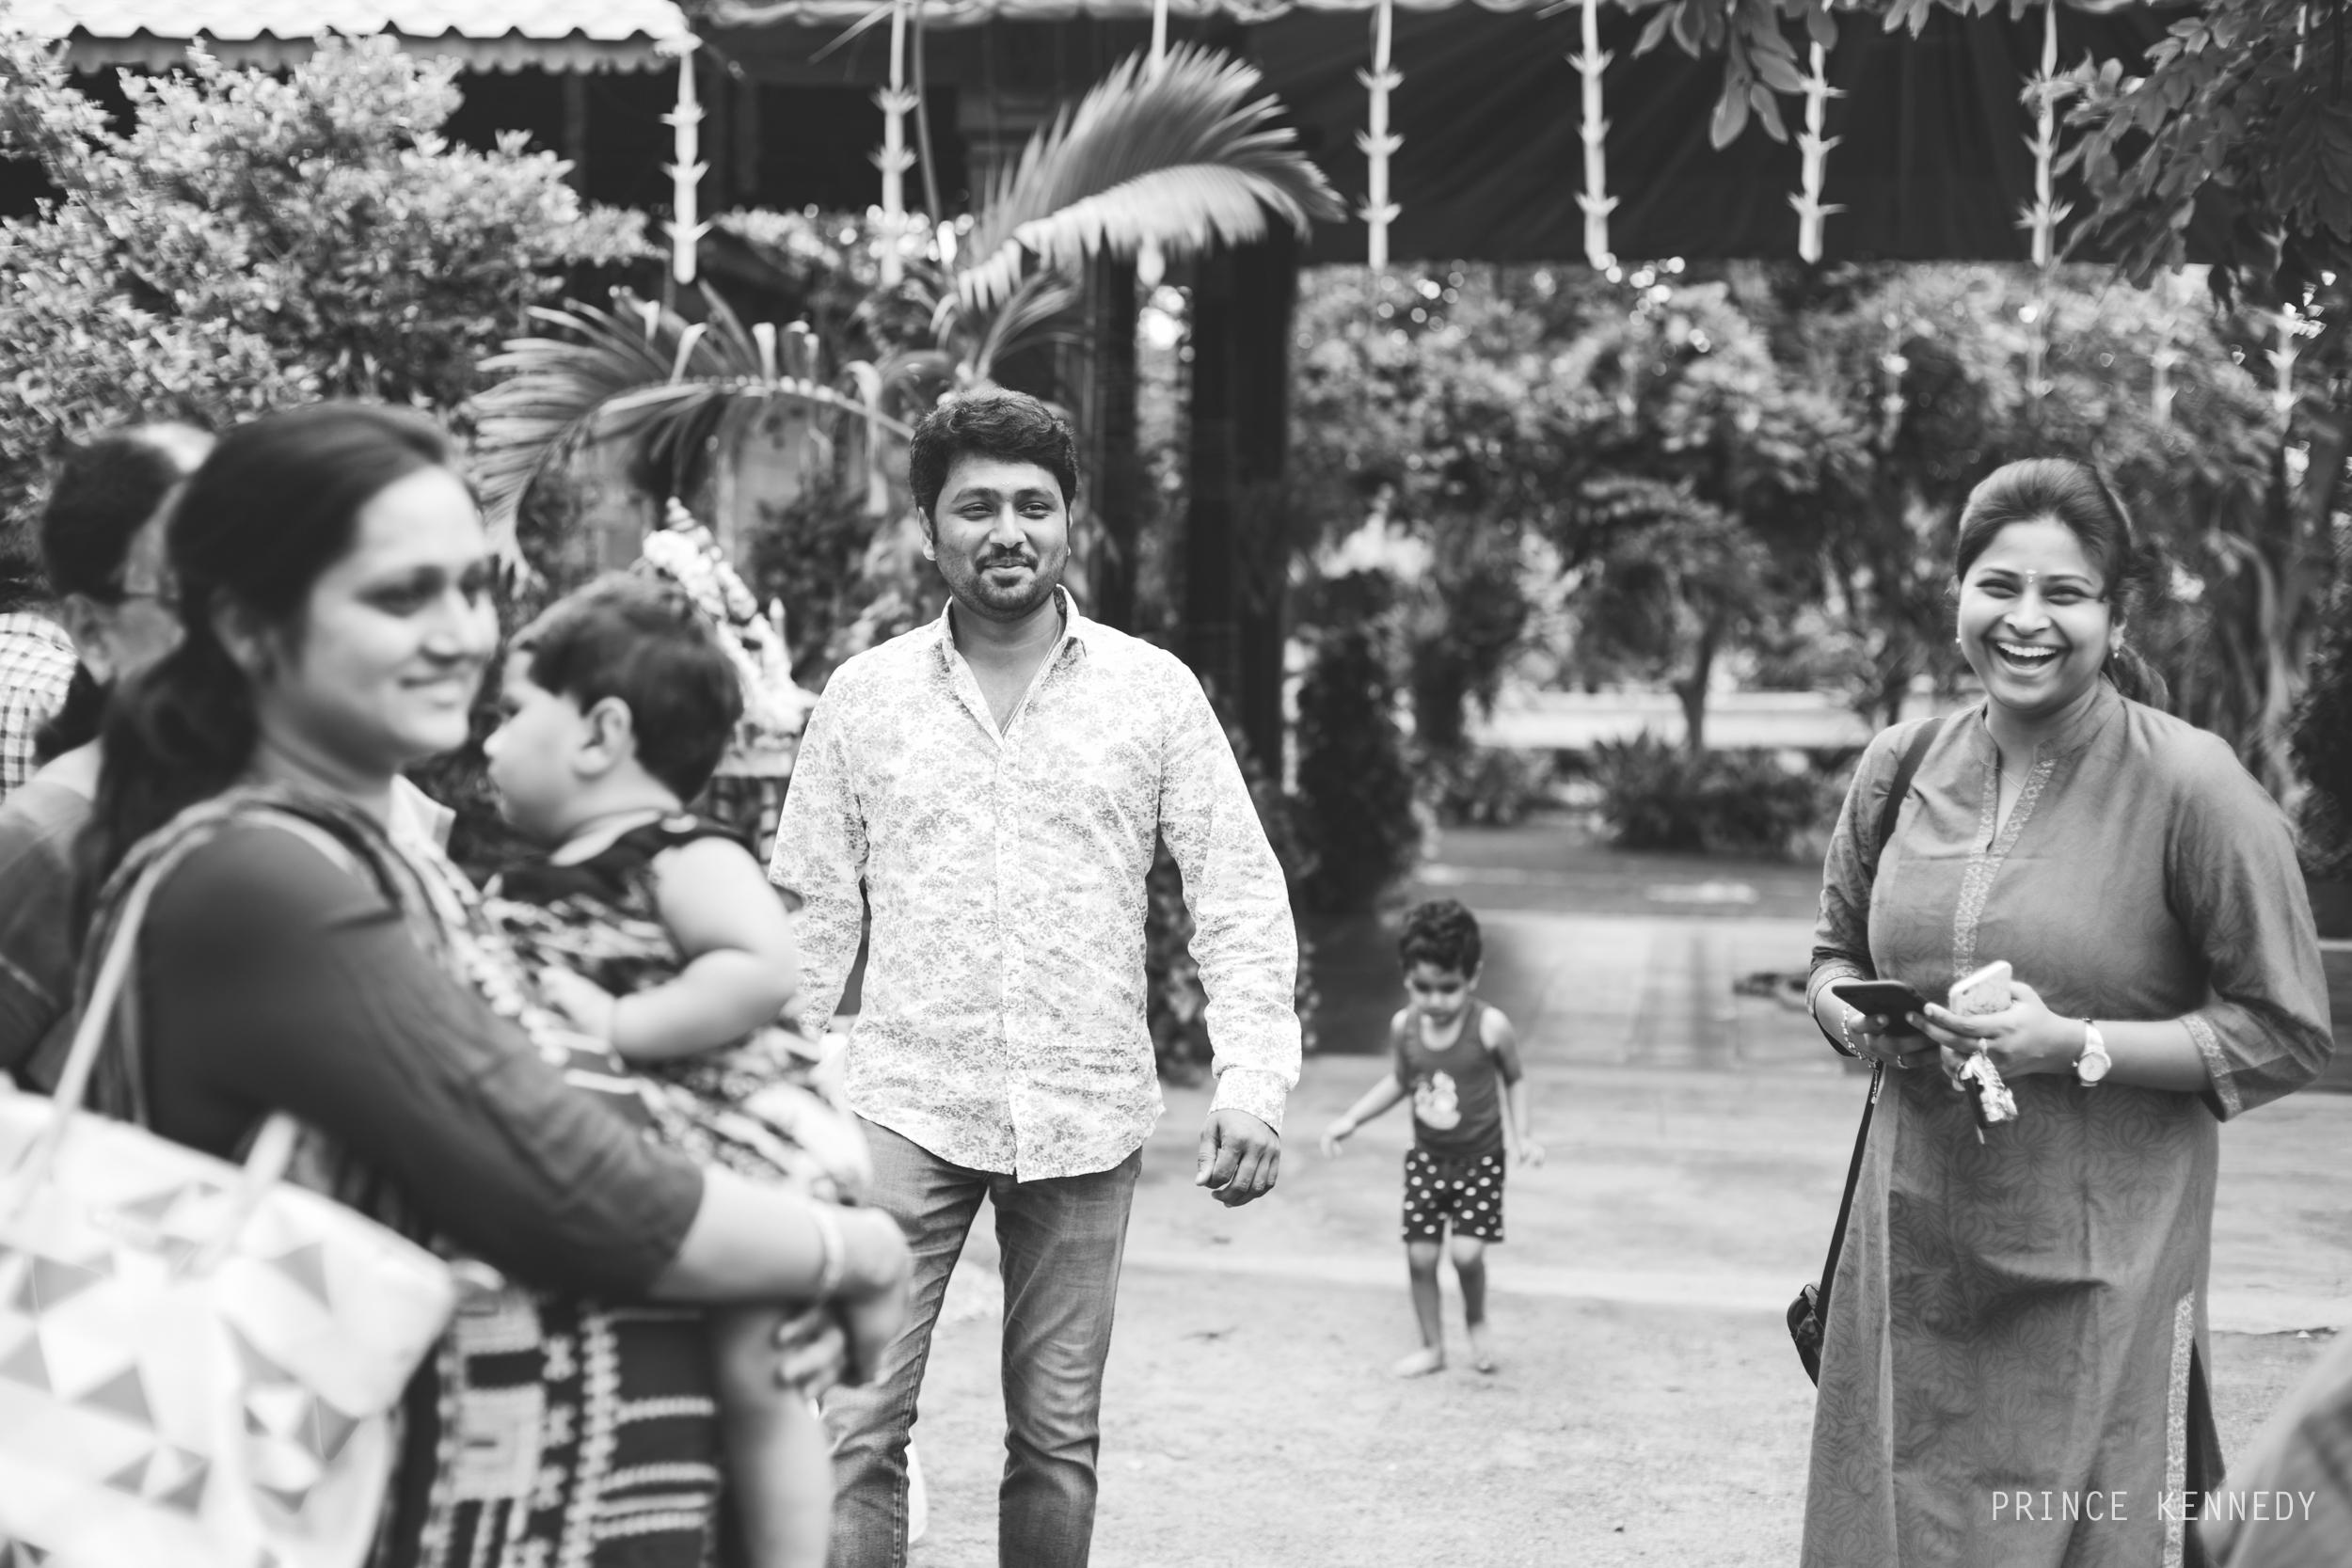 Engagement-Couple-Portrait-Portraiture-Wedding-Couple-Portrait-Chennai-Photographer-Candid-Photography-Destination-Best-Prince-Kennedy-Photography-8.jpg